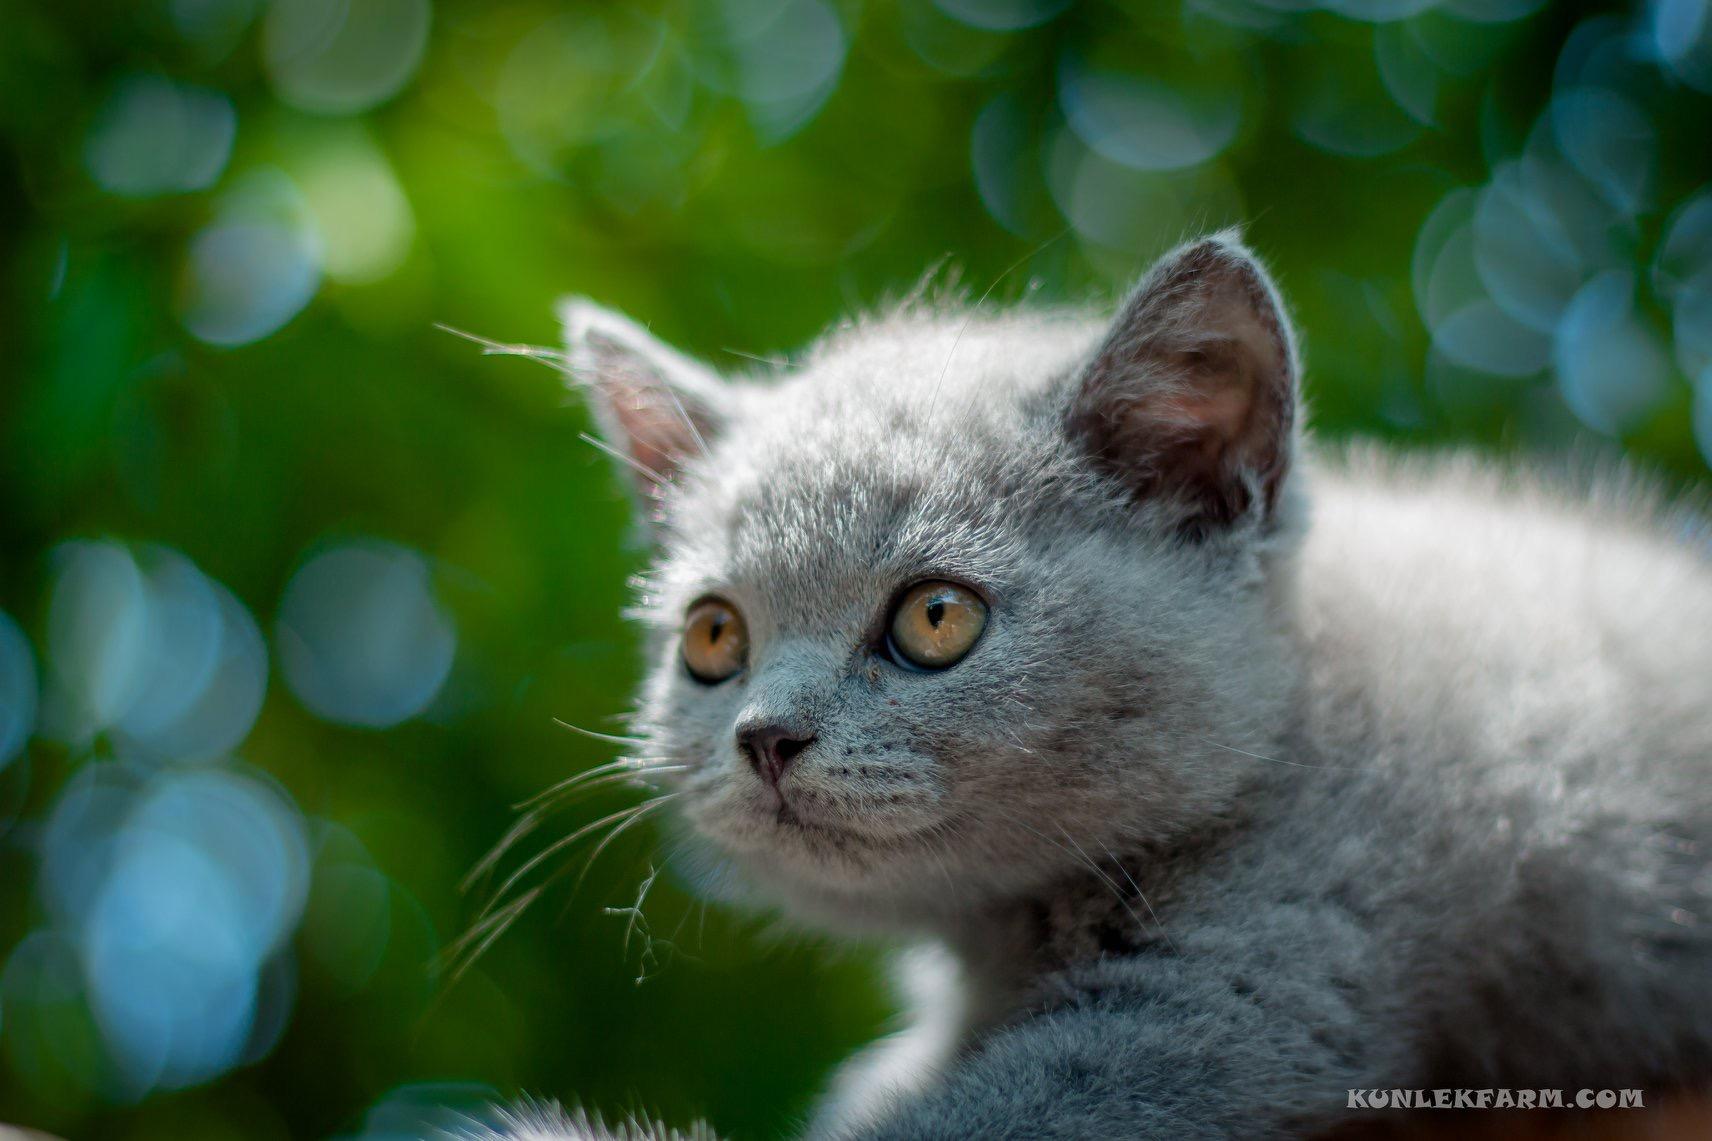 แมวฝรั่งพวกbritish shorthair สามารถหาซื้อเลี้ยงได้ที่ไหนบ้าง